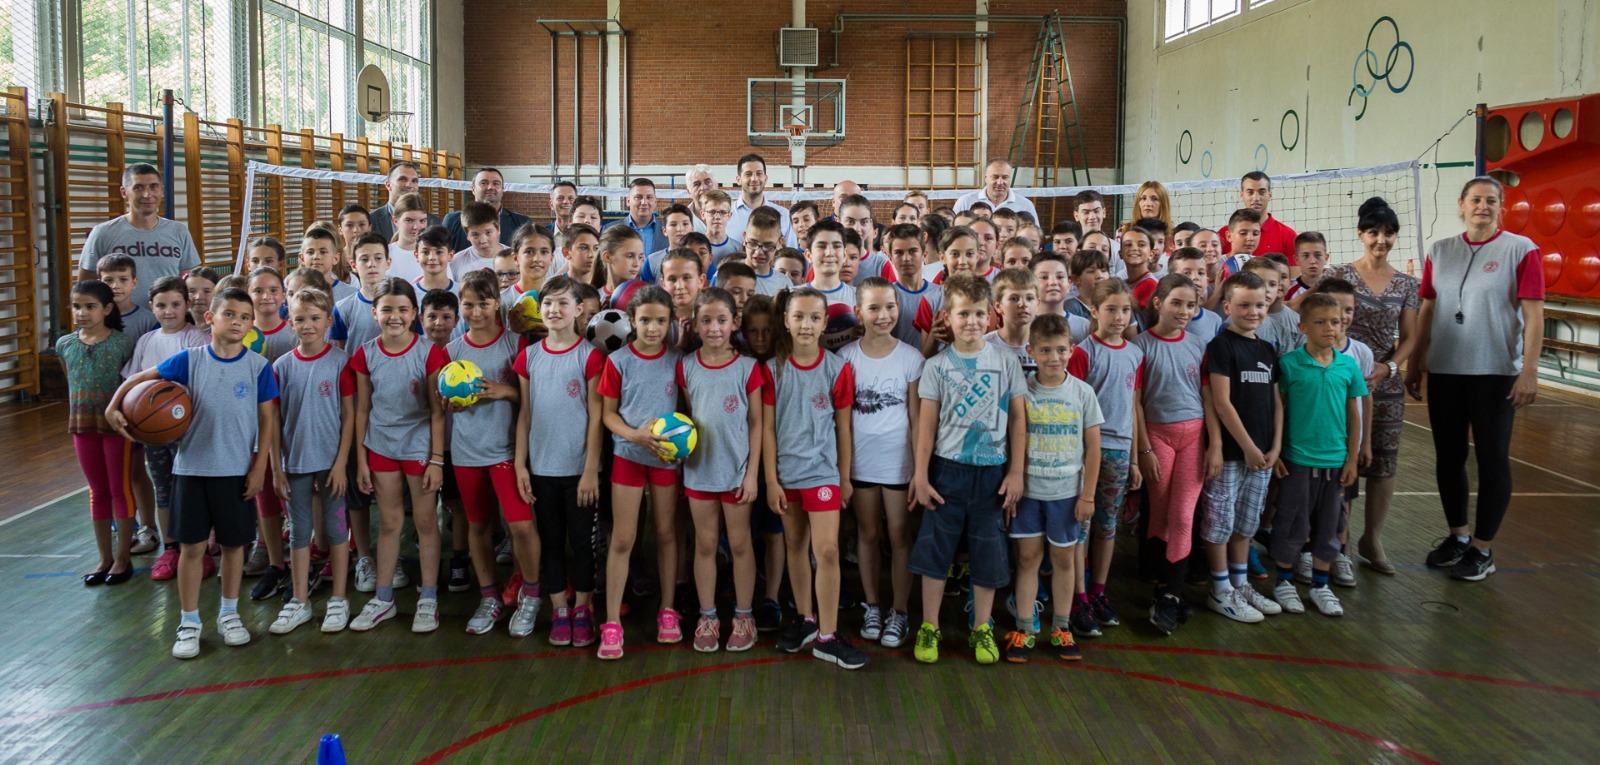 Донација спортске опреме и реквизита за фискултурне сале основних школа, нова инфраструктура и Европски турнир Специјалне олимпијаде у инклузивној одбојци у Кикинди и Зрењанину